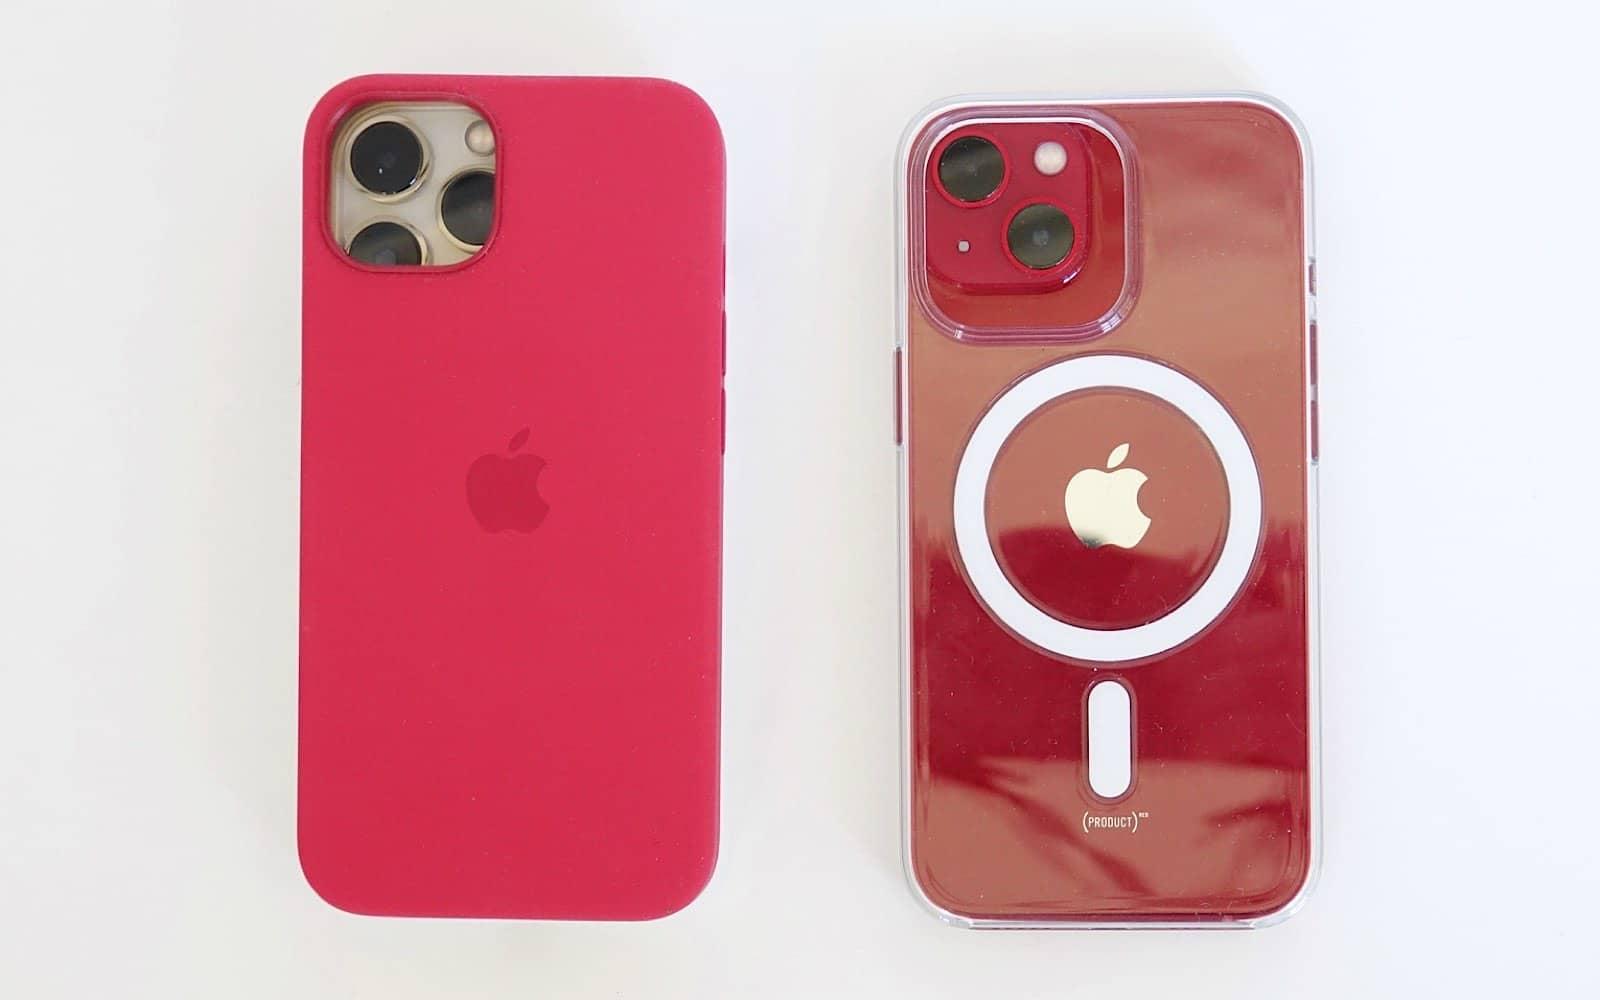 IPhone 13 Pro nu se va potrivi carcasei iPhone 13 (stânga), dar iPhone 13 se va potrivi carcasei iPhone 13 Pro (dreapta).